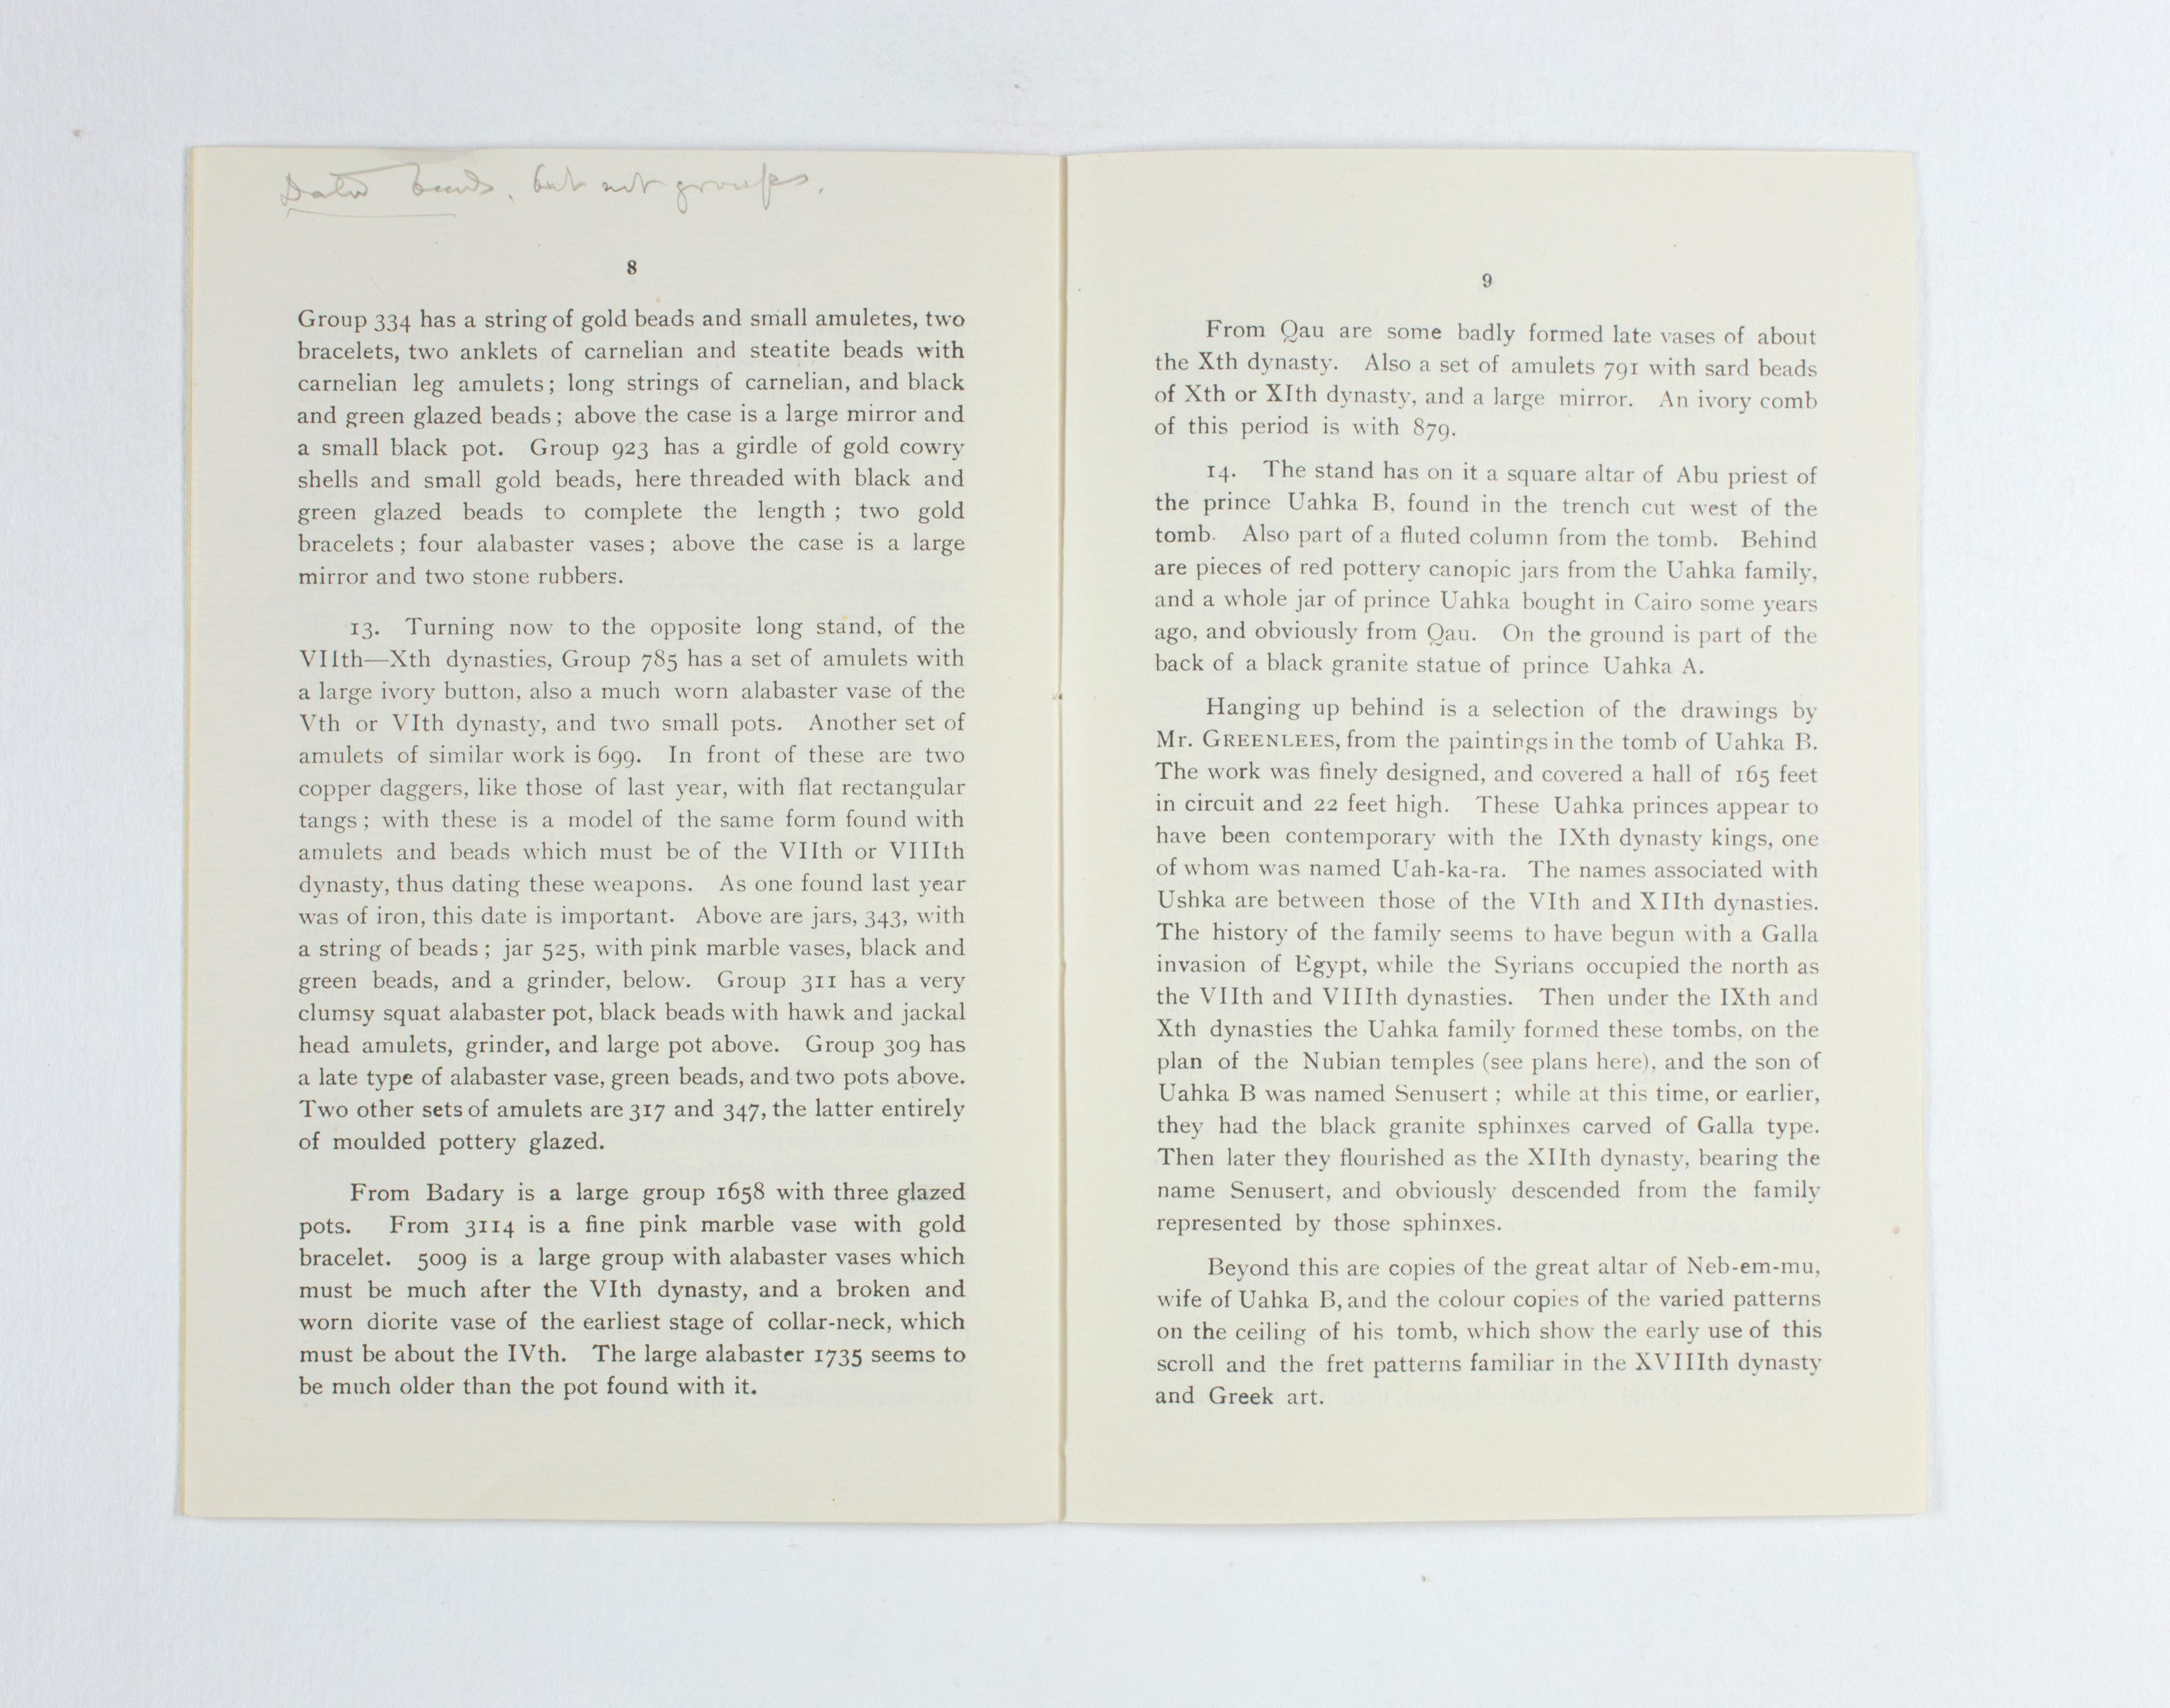 1923-24 Qau el-Kebir, Hemamieh Exhibition catalogue PMA/WFP1/D/27/36.7